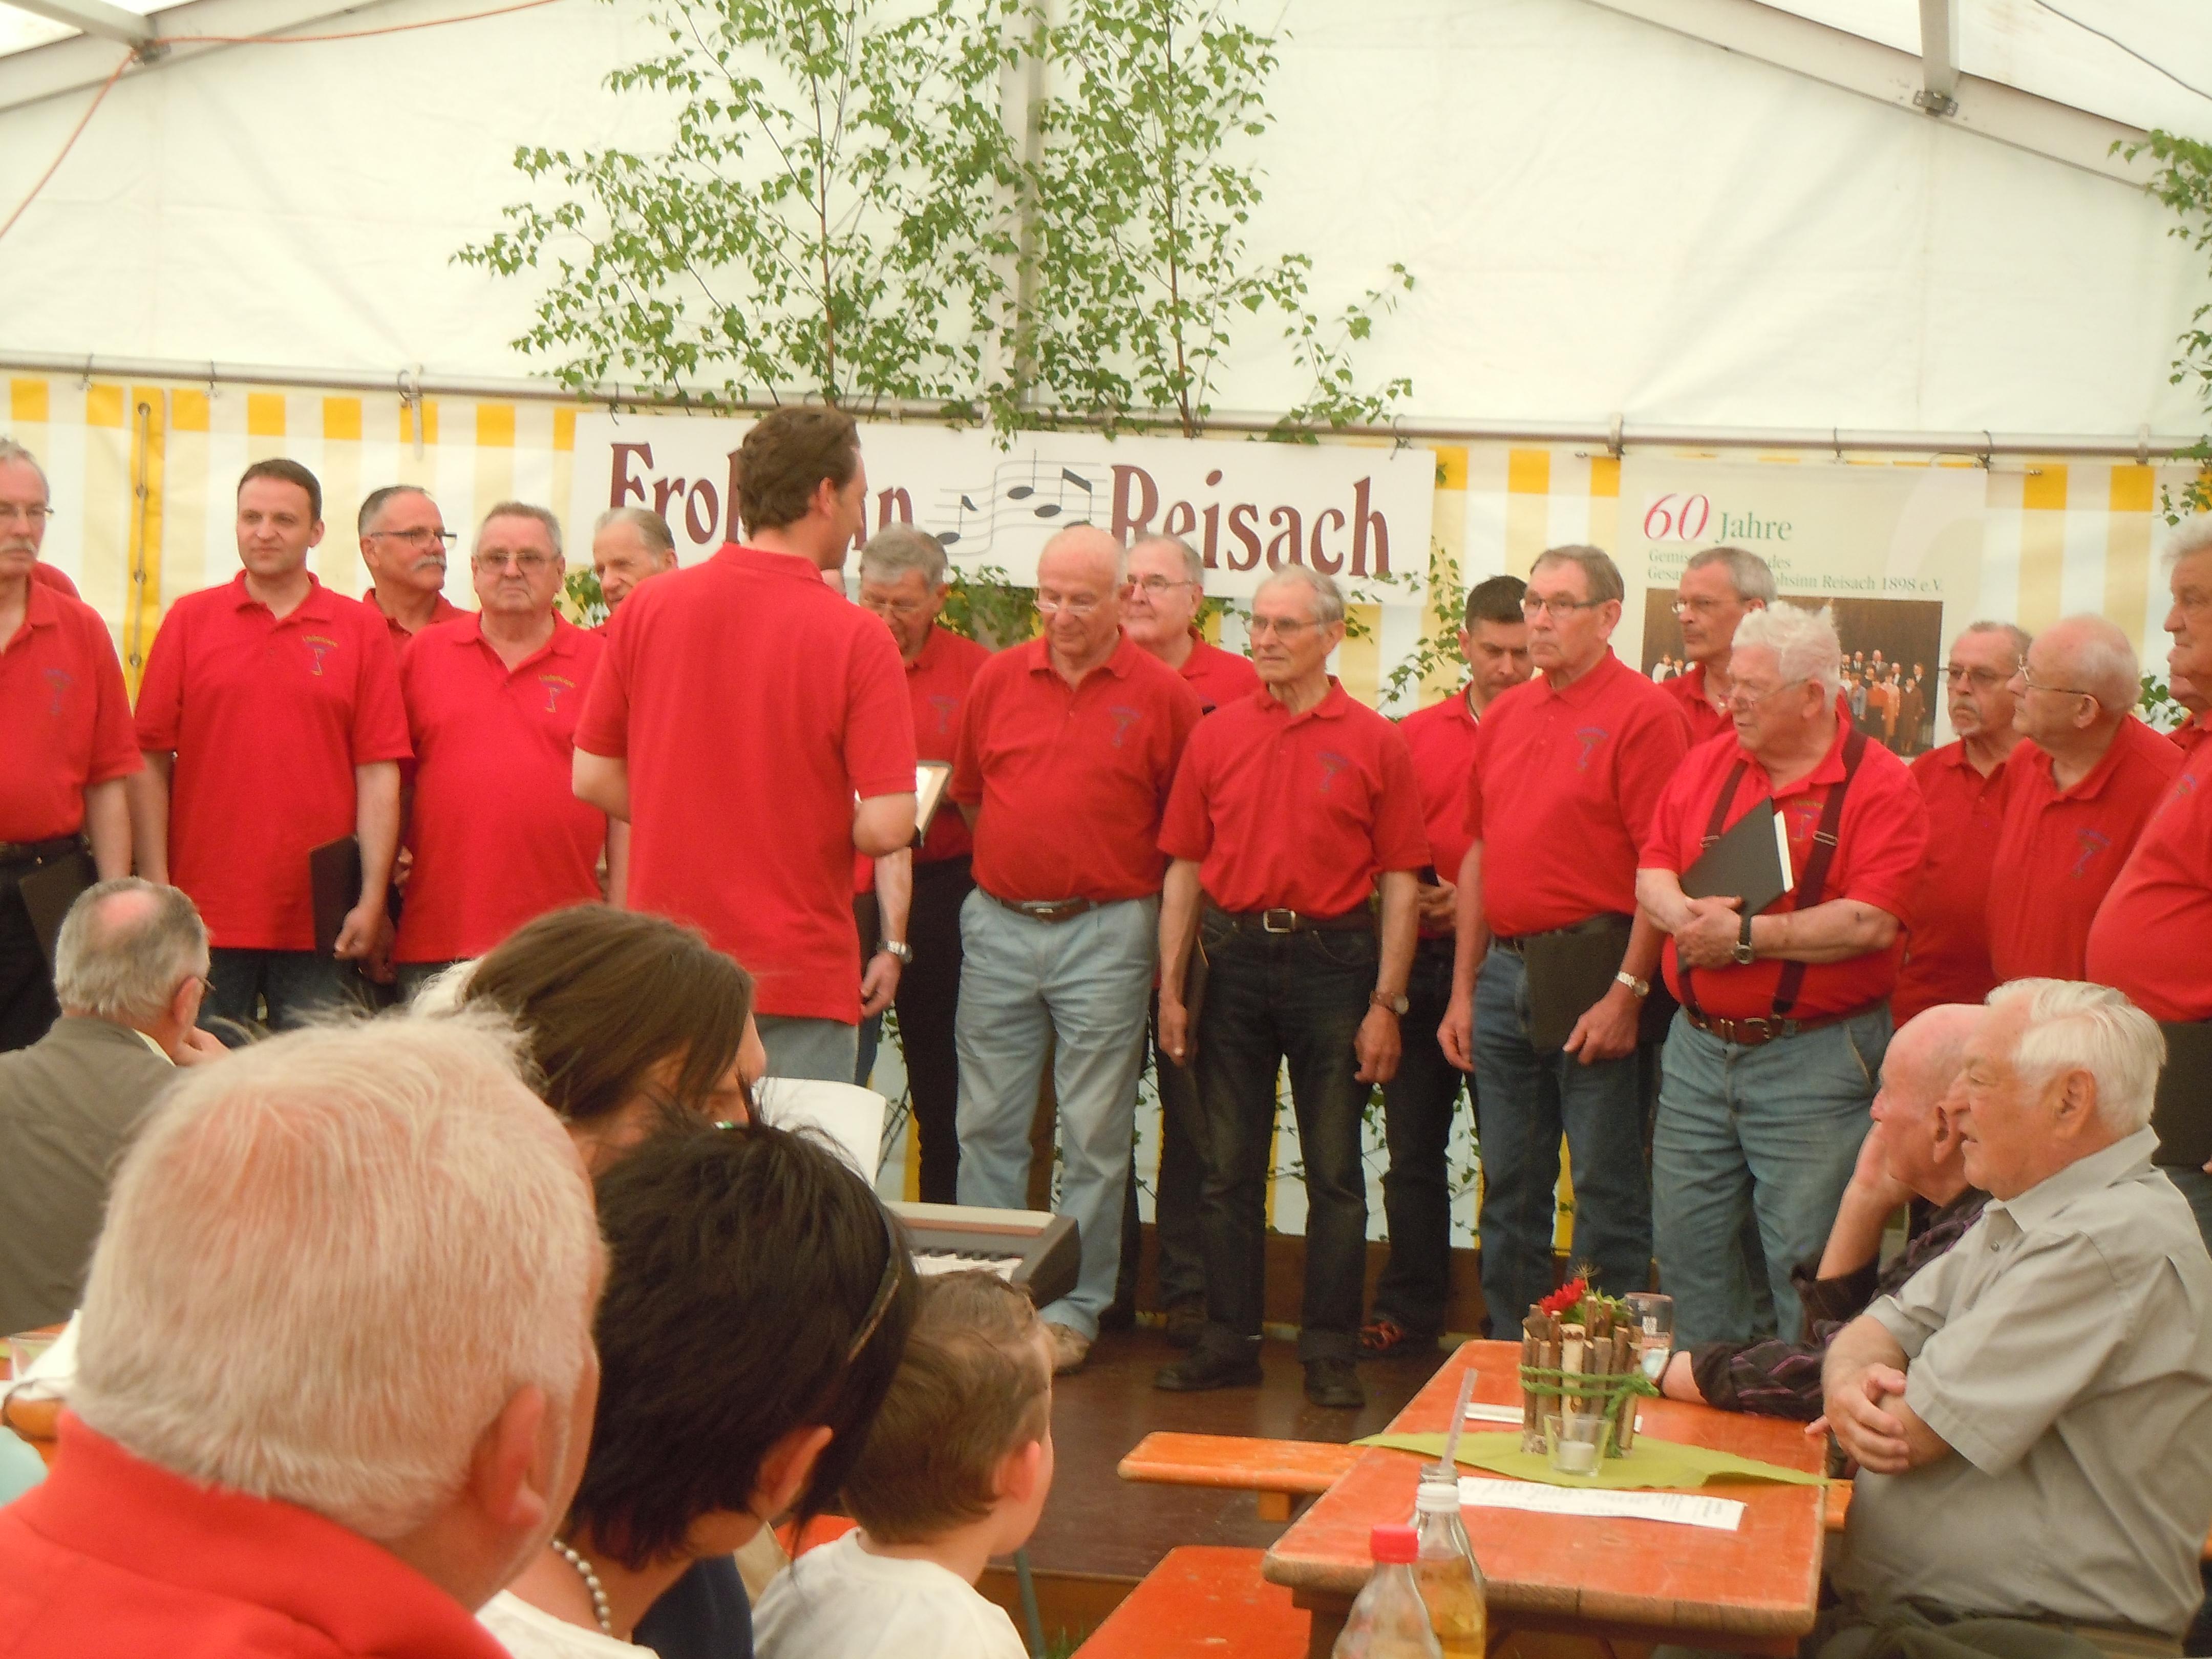 jahresausflug-lks-reisach-08-05-16-028